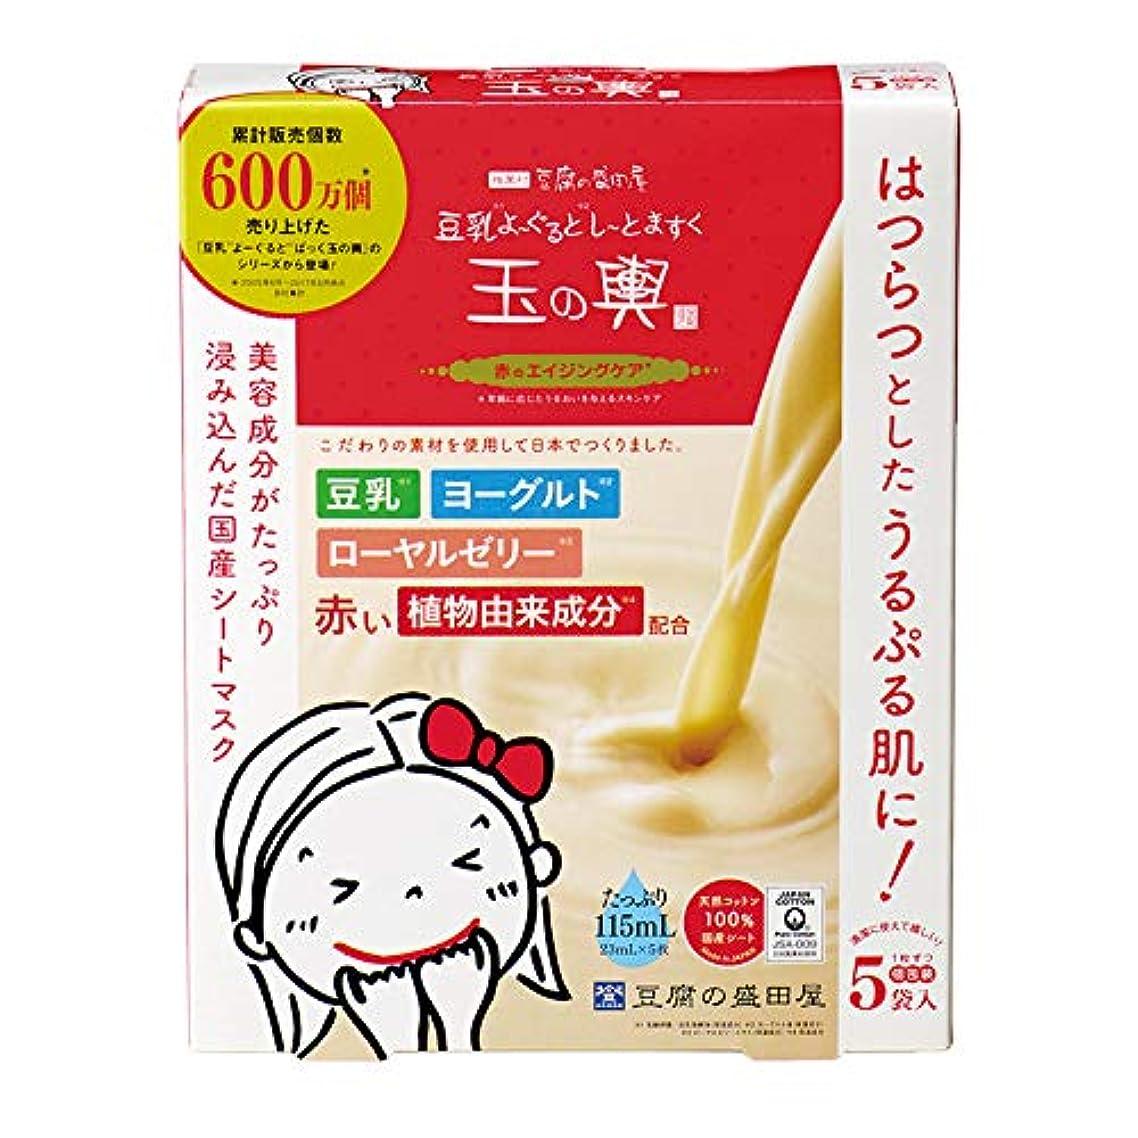 ゴミ箱を空にする設計図ポスト印象派豆腐の盛田屋 豆乳よーぐるとしーとますく 玉の輿〈赤のエイジングケア〉23mL×5枚